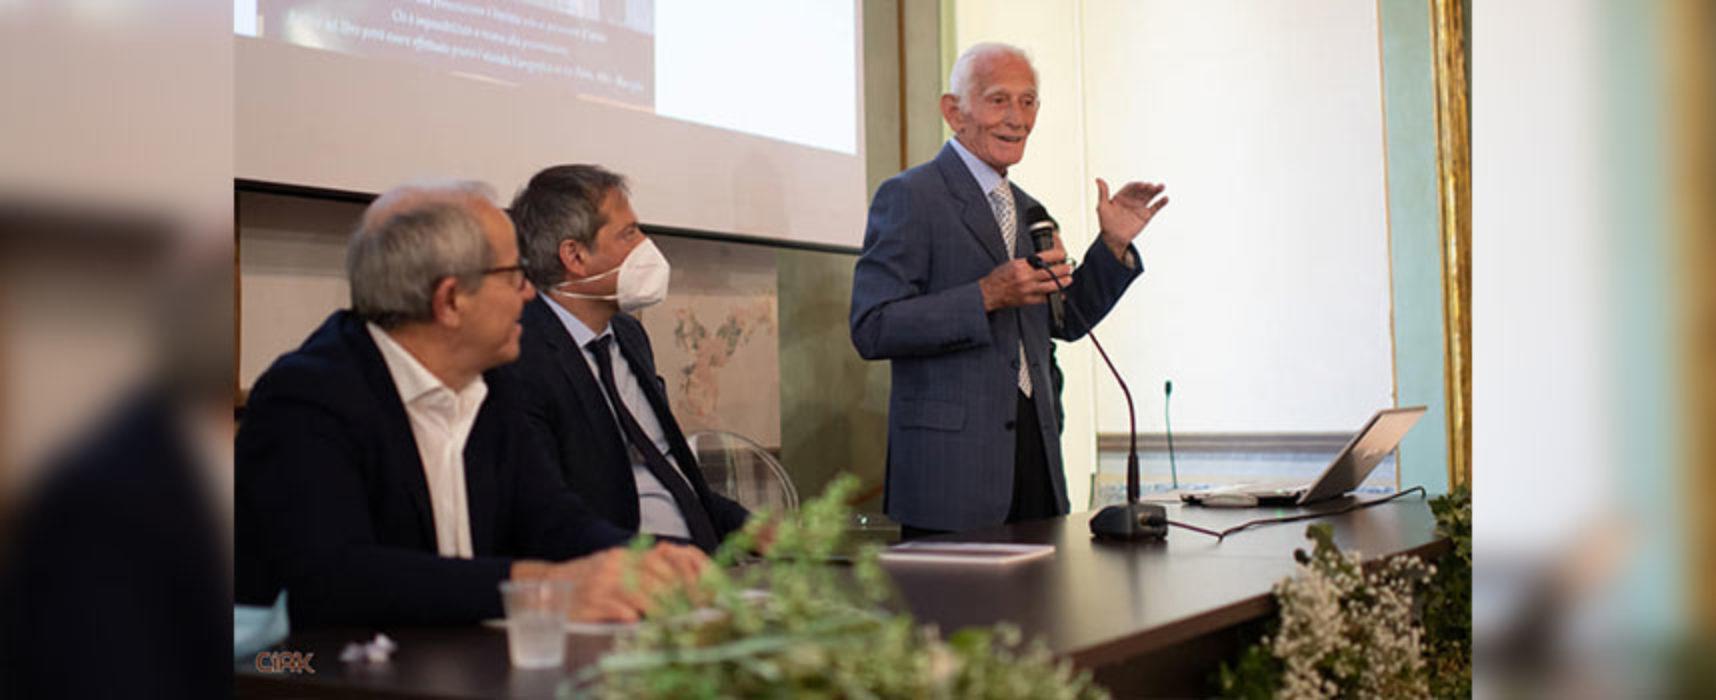 """Presentato il libro, """"Racconti di memoria: via Ottavio Tupputi"""" di Vincenzo Cortese"""